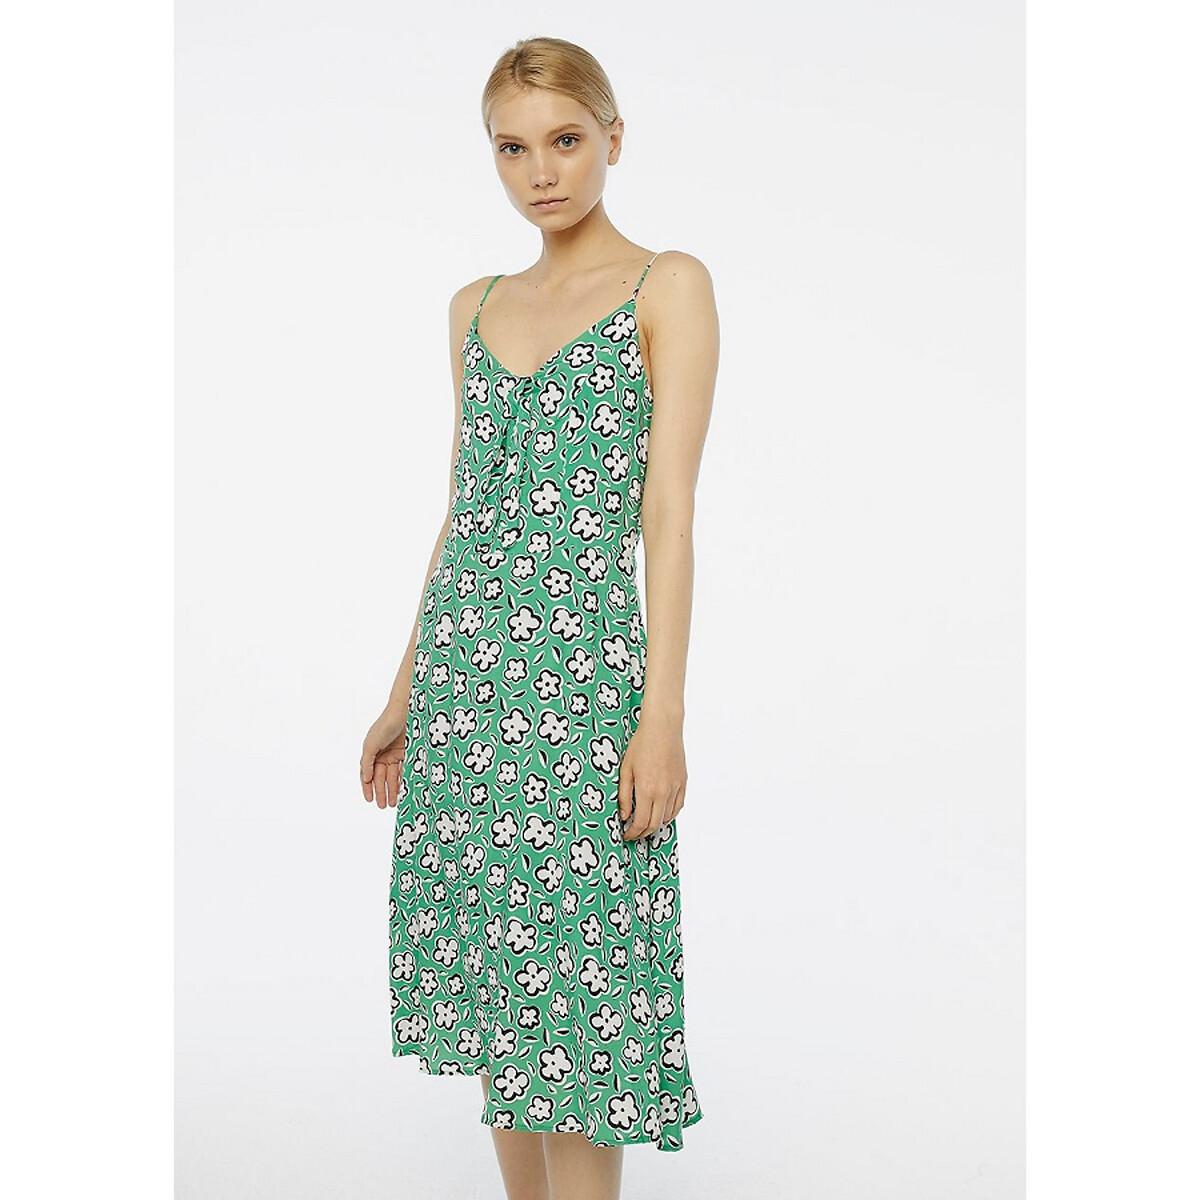 Платье La Redoute С цветочным рисунком на тонких бретелях с V-образным вырезом и бантиком S зеленый топ la redoute на тонких бретелях с низом с воланом 12 зеленый